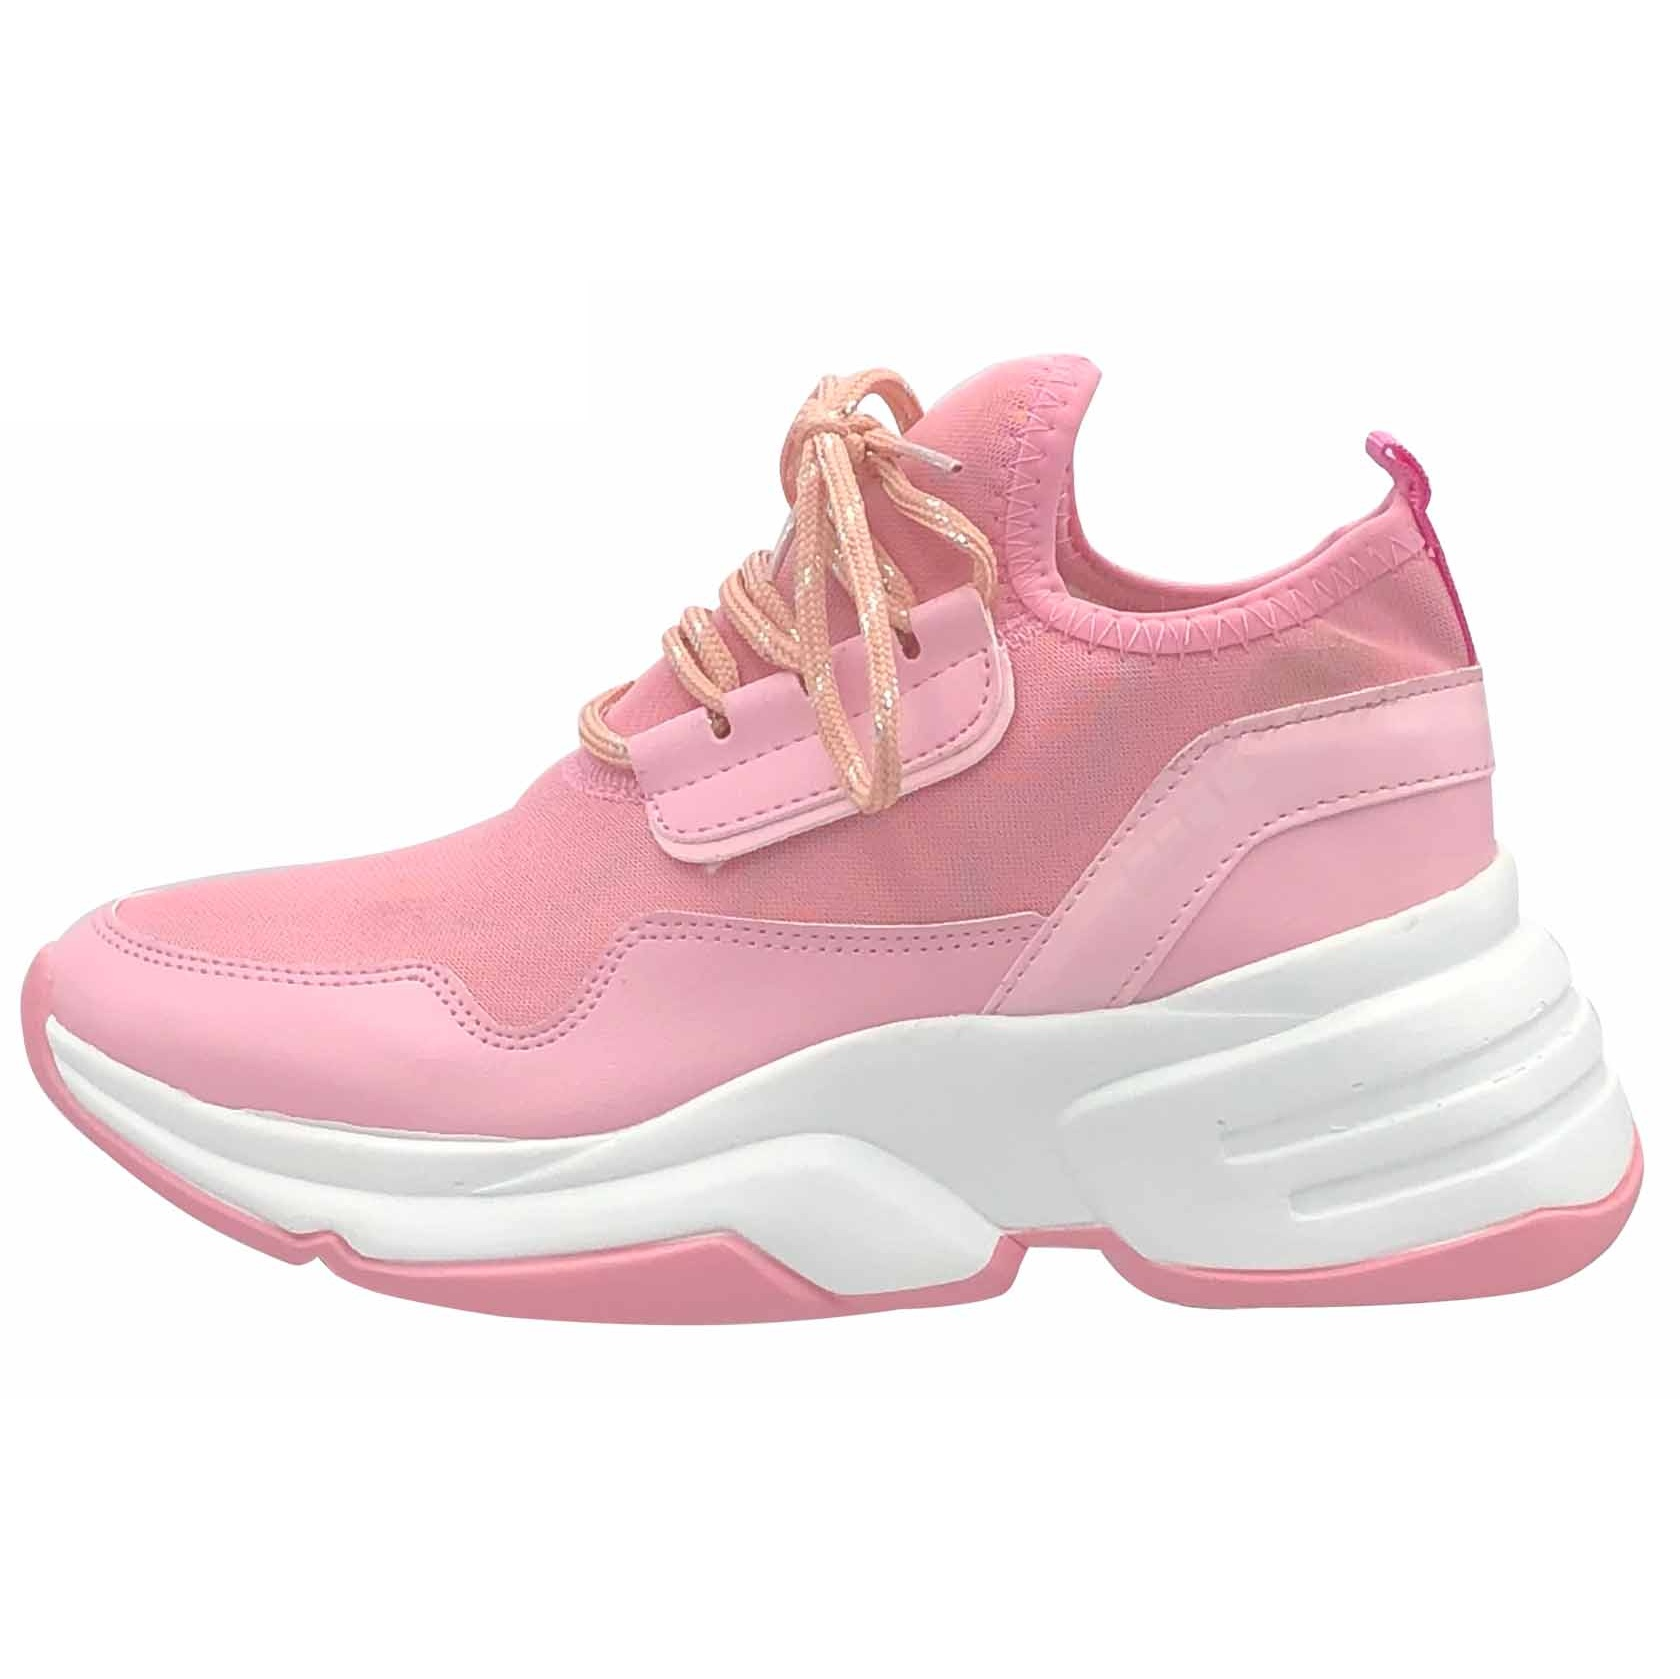 کفش مخصوص پیاده روی زنانه کد 9815